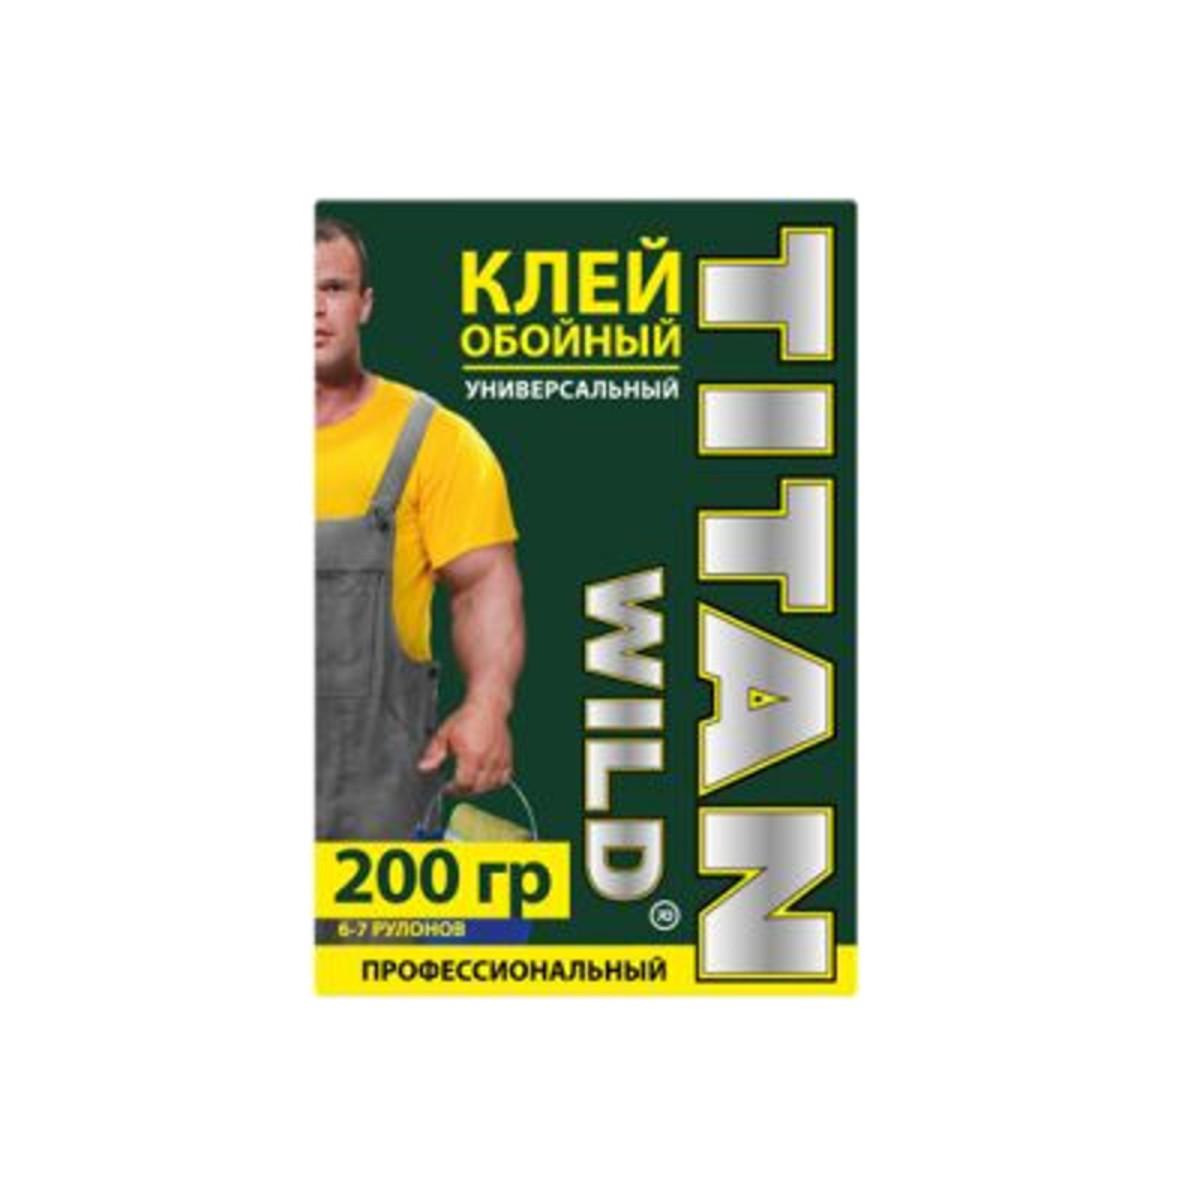 Клей для флизелиновых обоев Titan Wild TWUni-200 40 м²